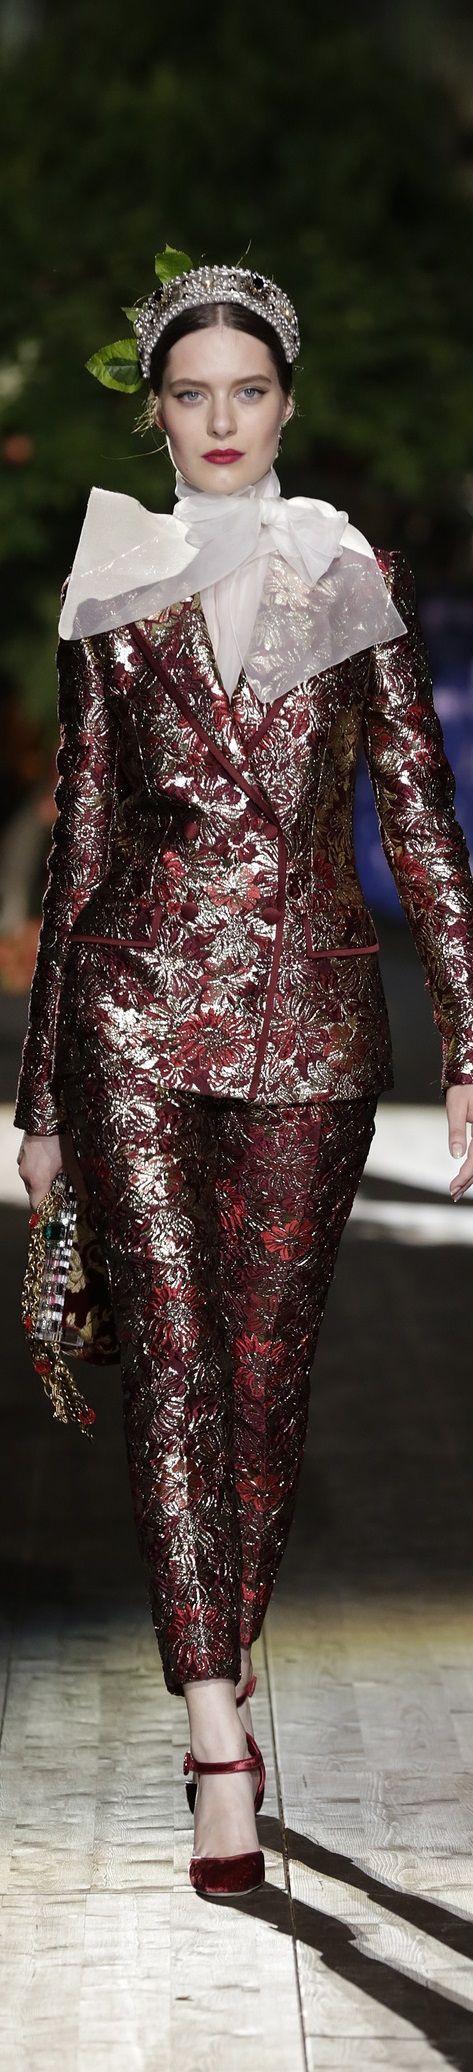 ~Dolce Gabbana Alta Moda 2015